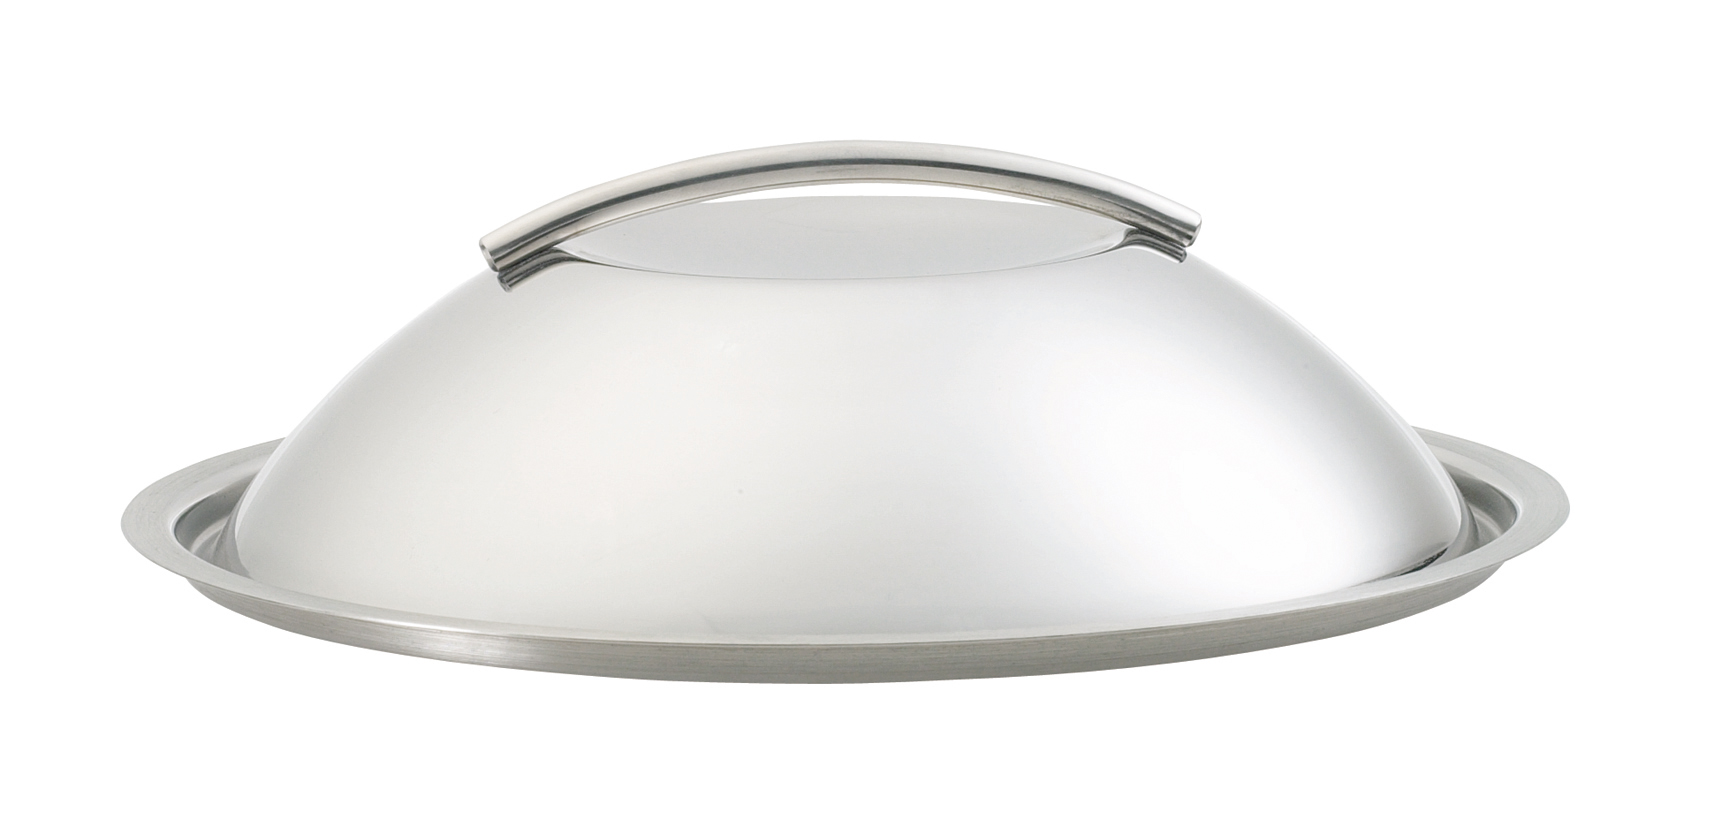 Nerezová poklice kupole 24 cm, stříbrná, Eva Solo